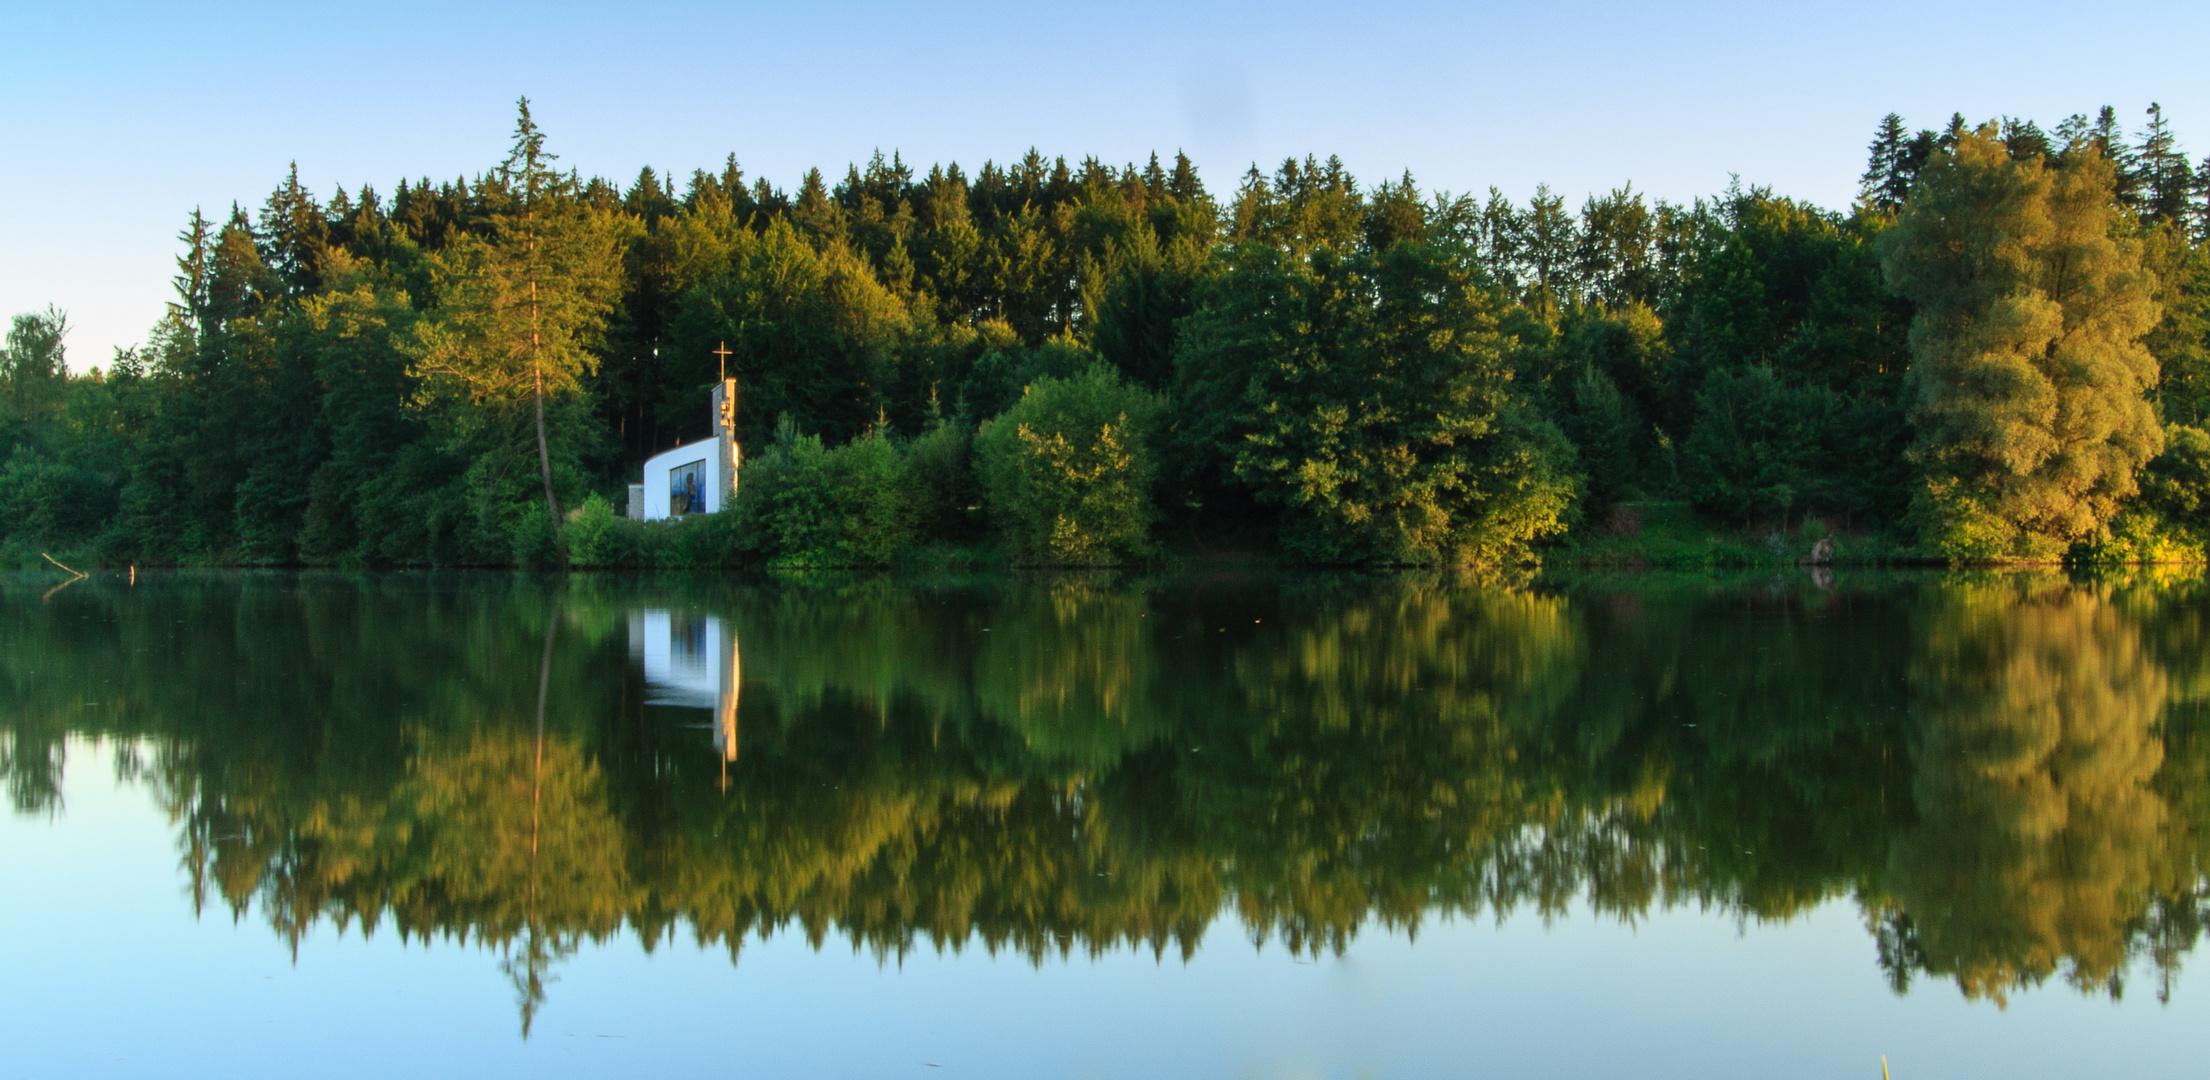 Weiße Kapelle am Holzmühl-Weiher